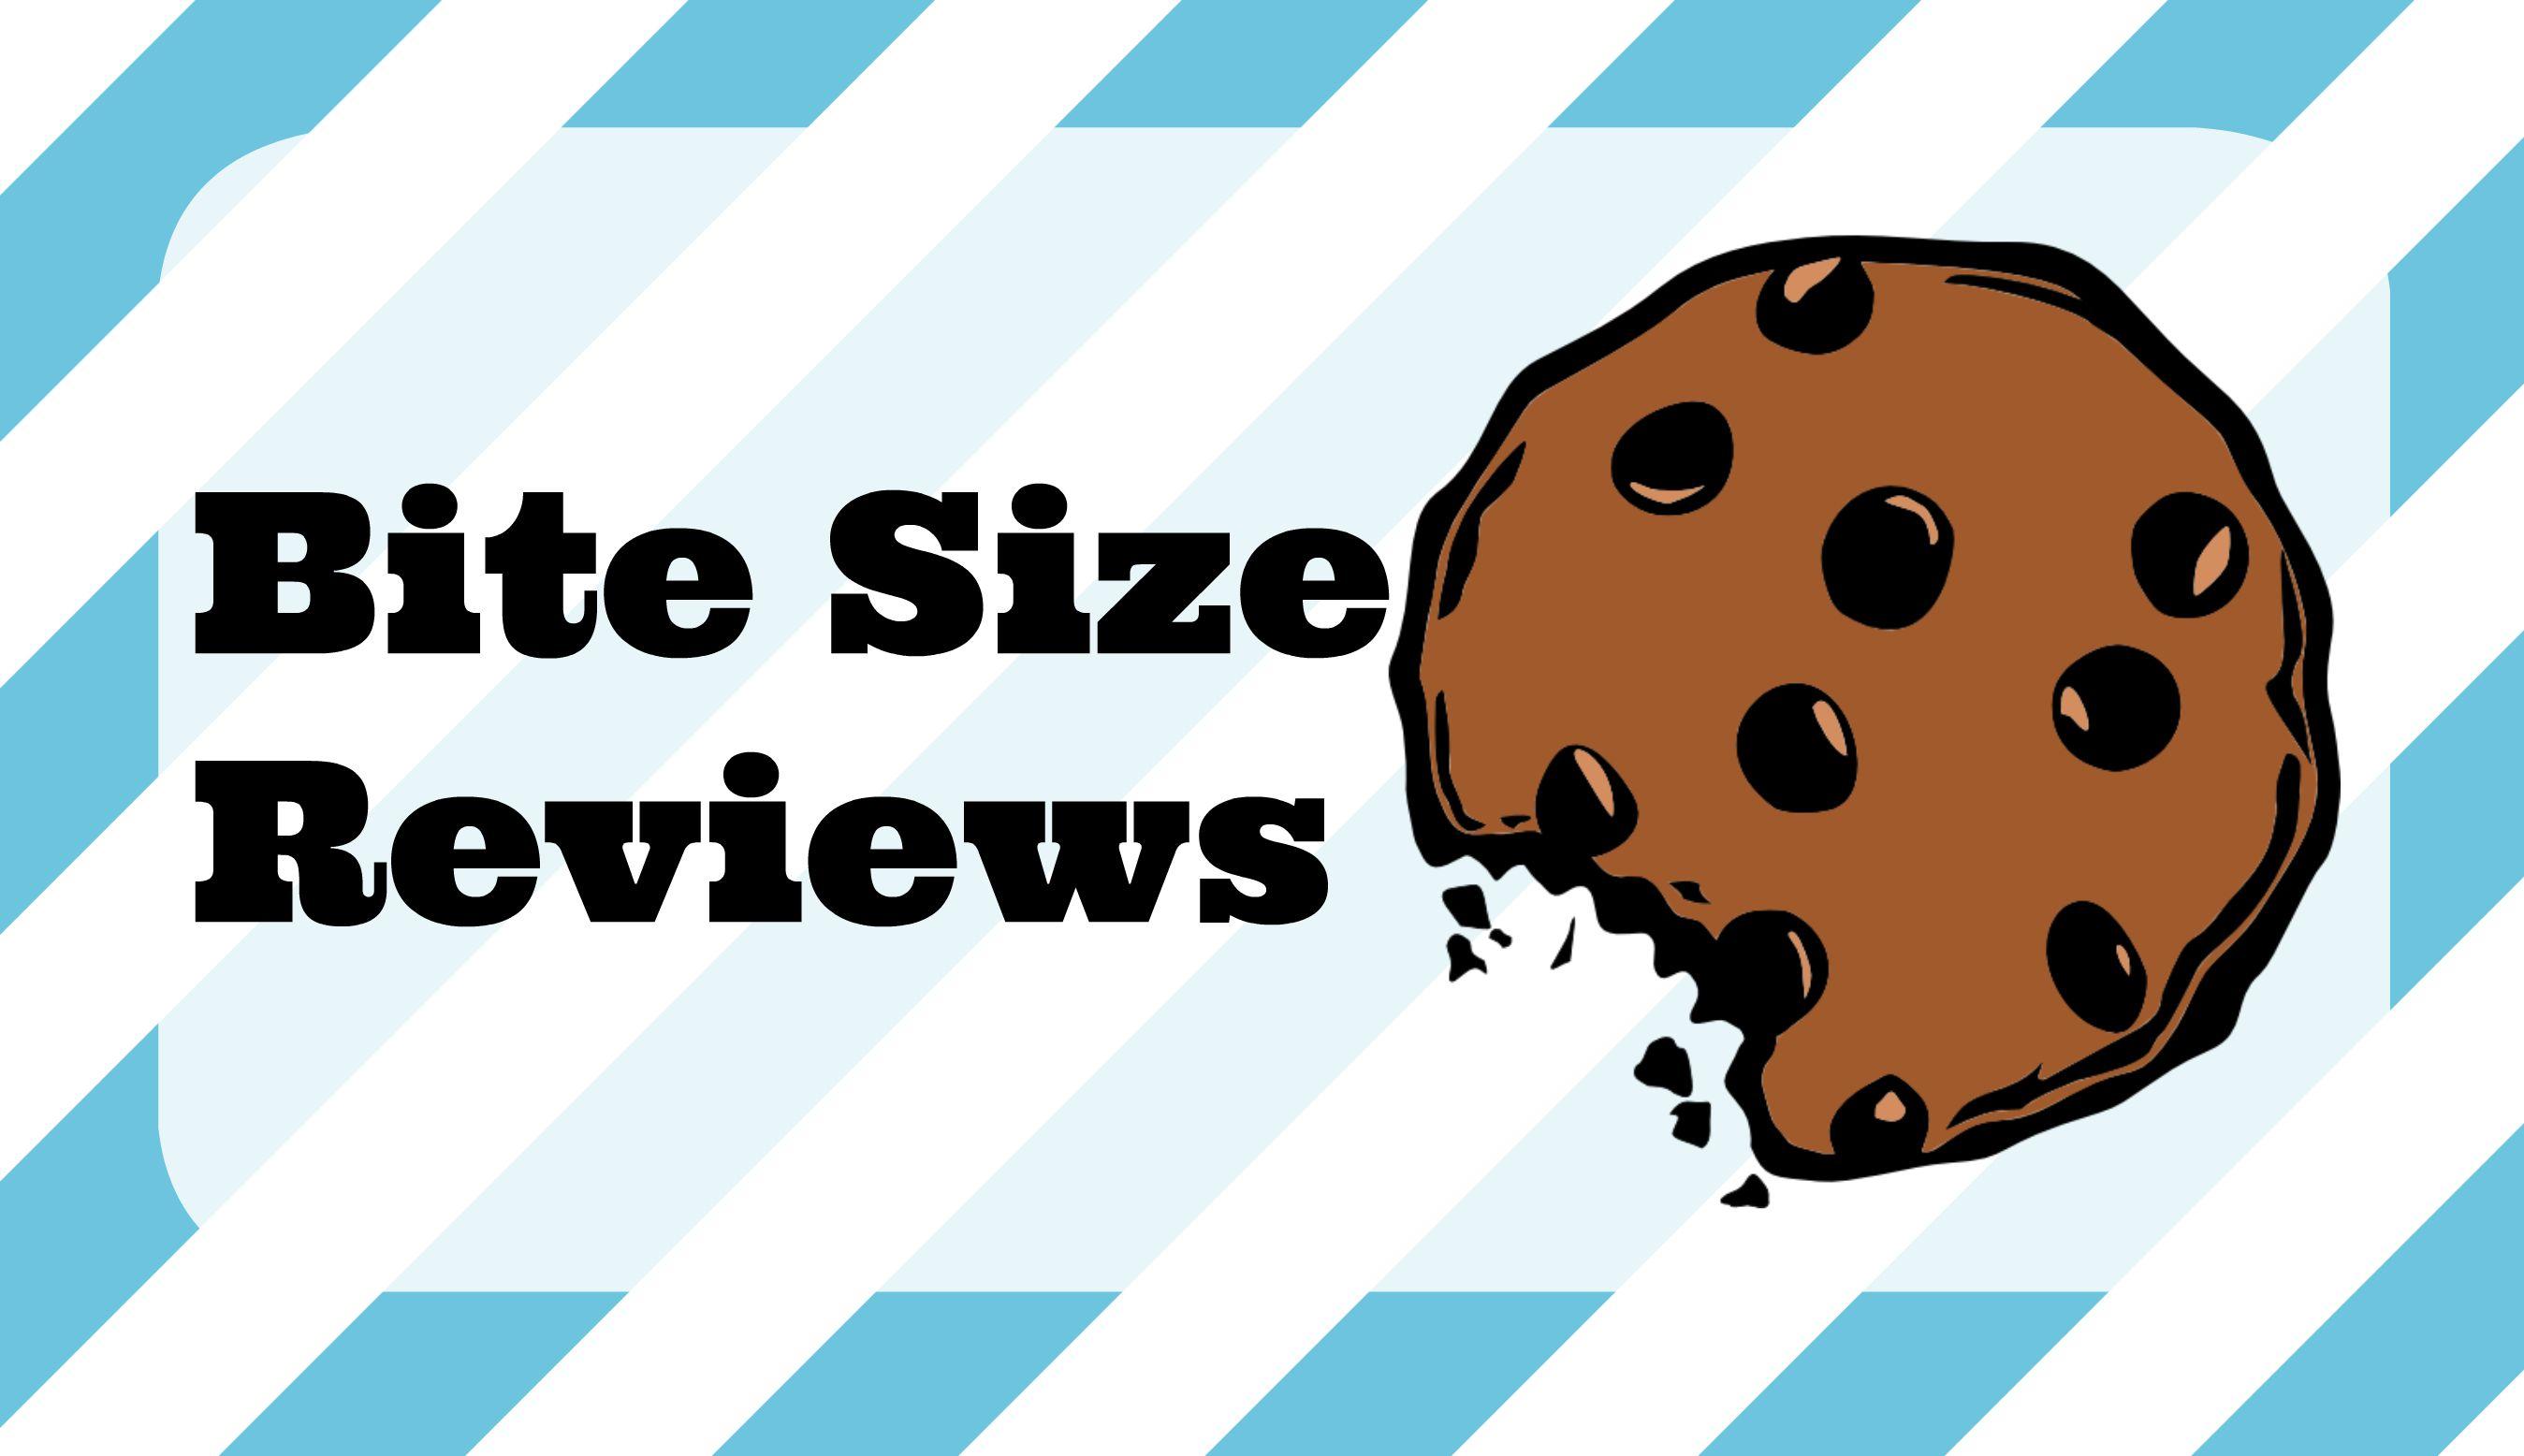 Bite Size Reviews.